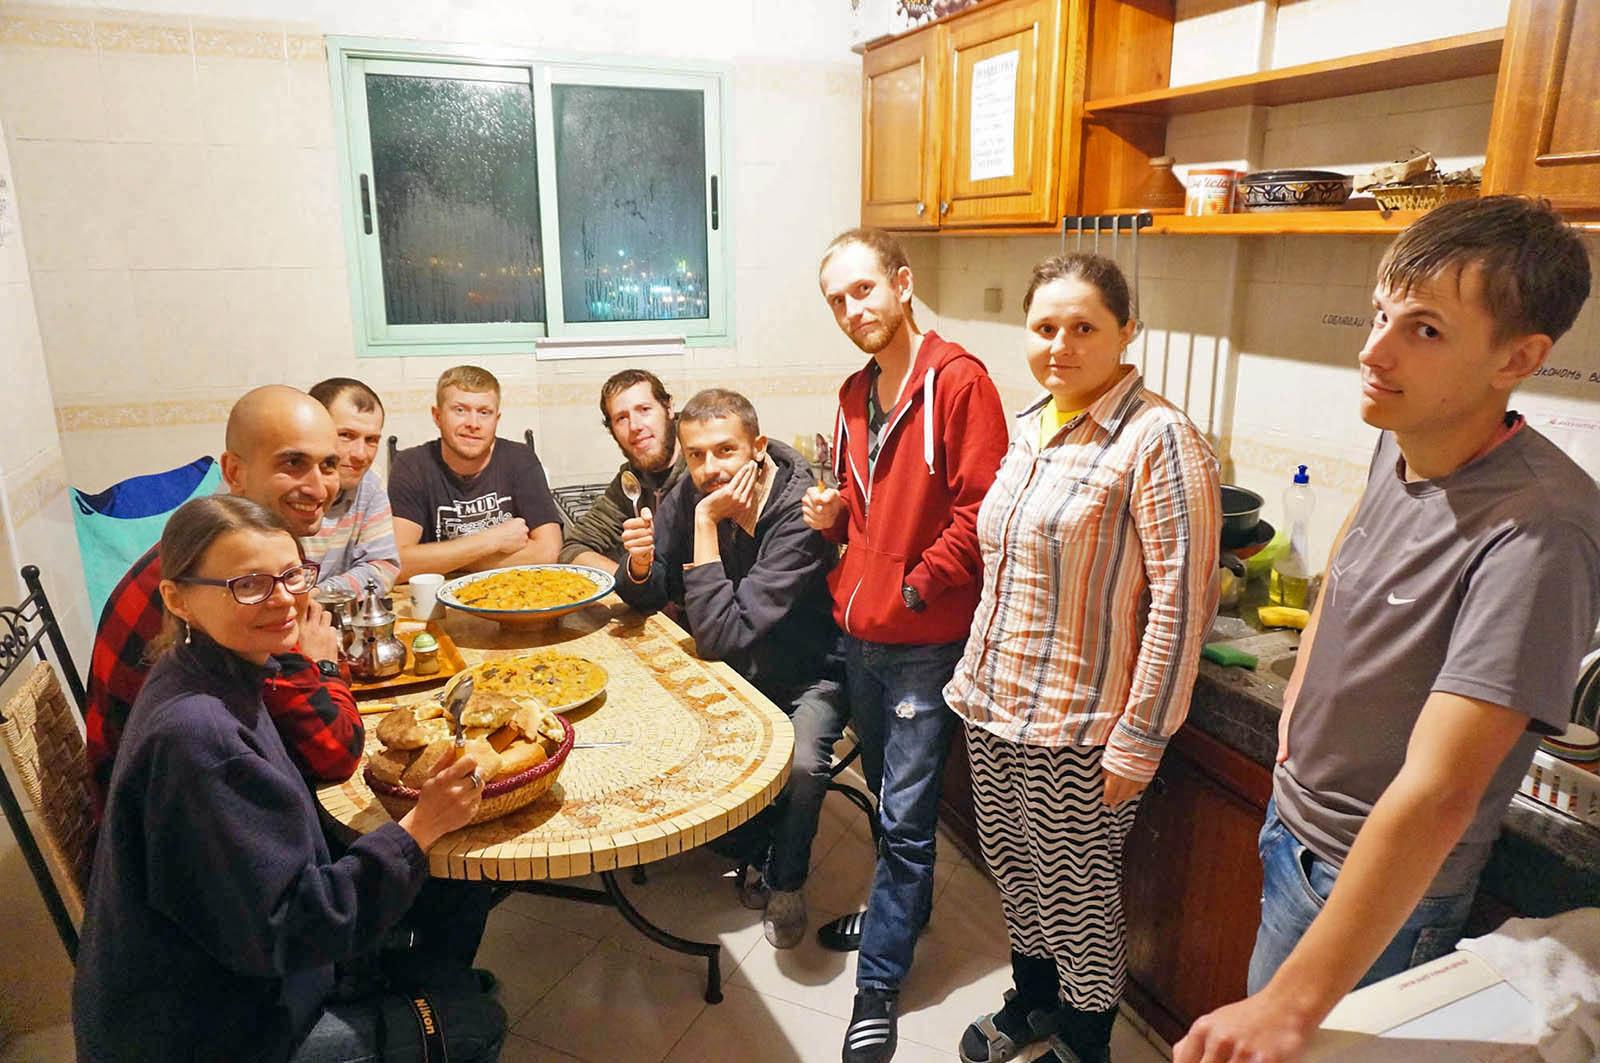 Кухня «Дома для всех» в Марракеше, декабрь 2016 года, фото с официальной страницы проекта во